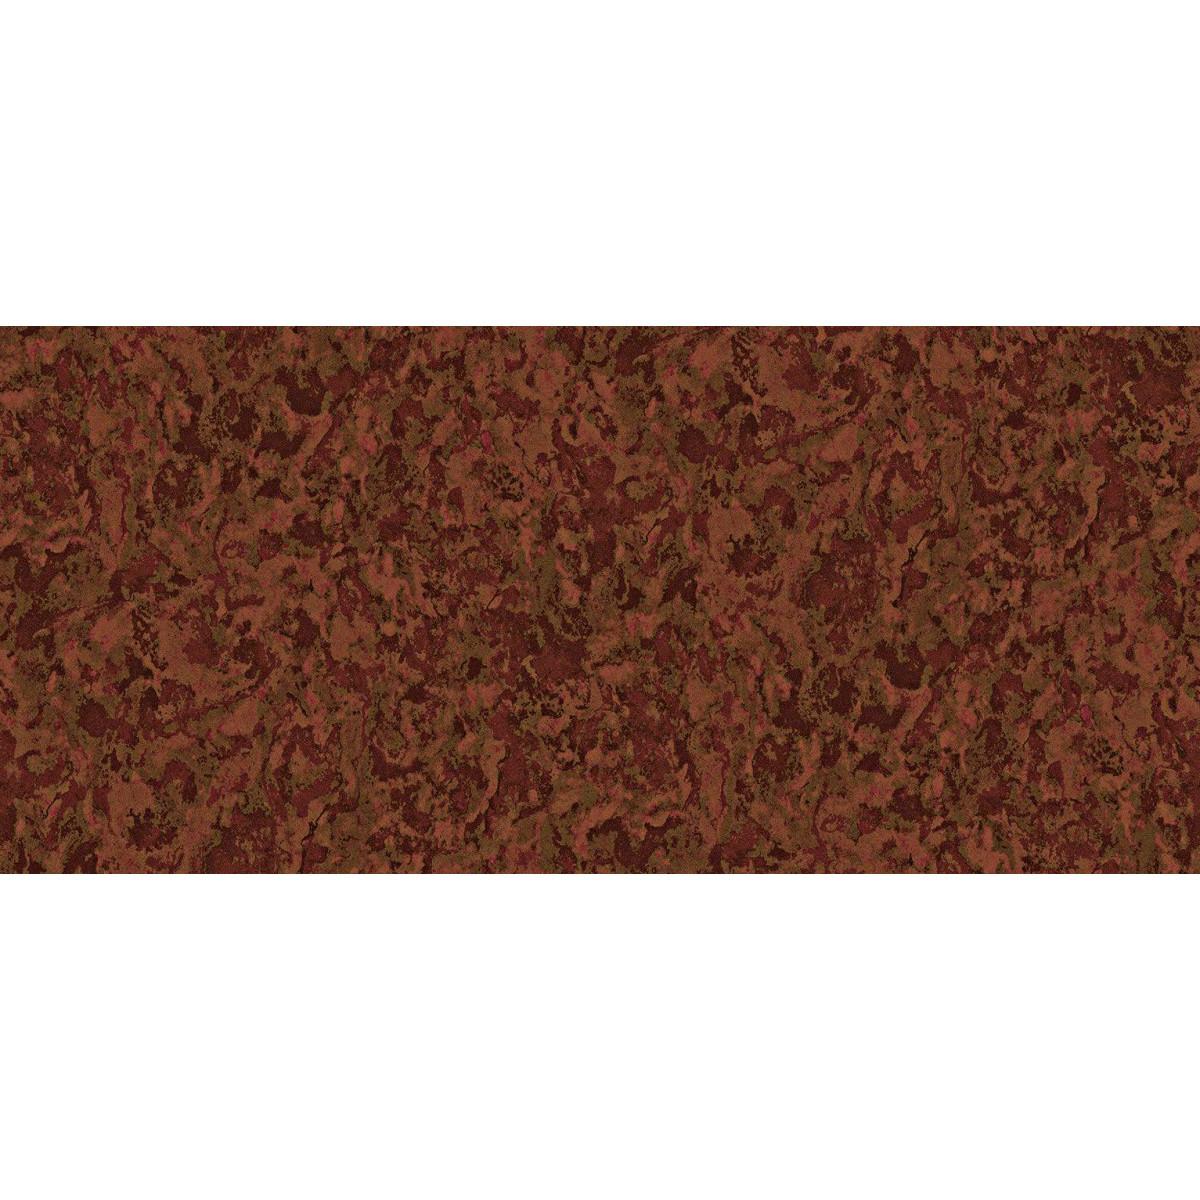 Обои виниловые Parato Angelica коричневые 0.70 м 5358